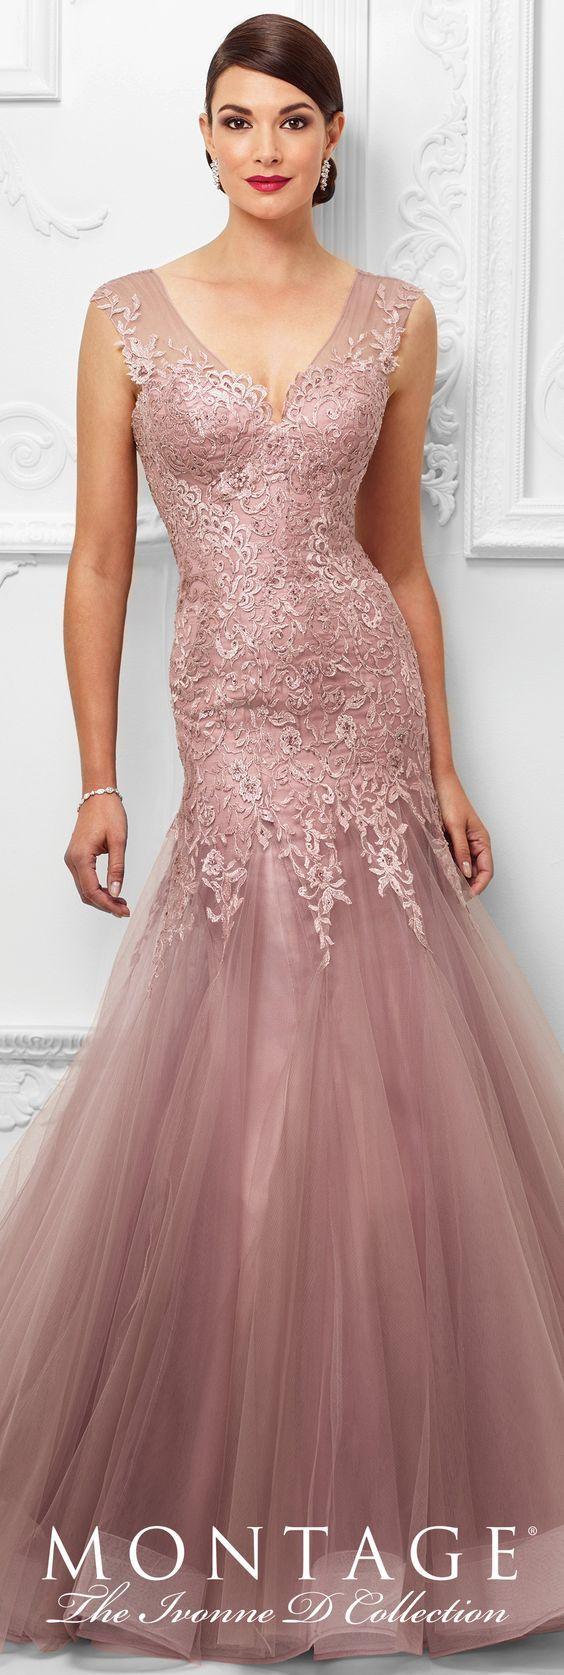 Ivonne D - Evening Dresses - 117D65 | Vestiditos, Vestidos de noche ...